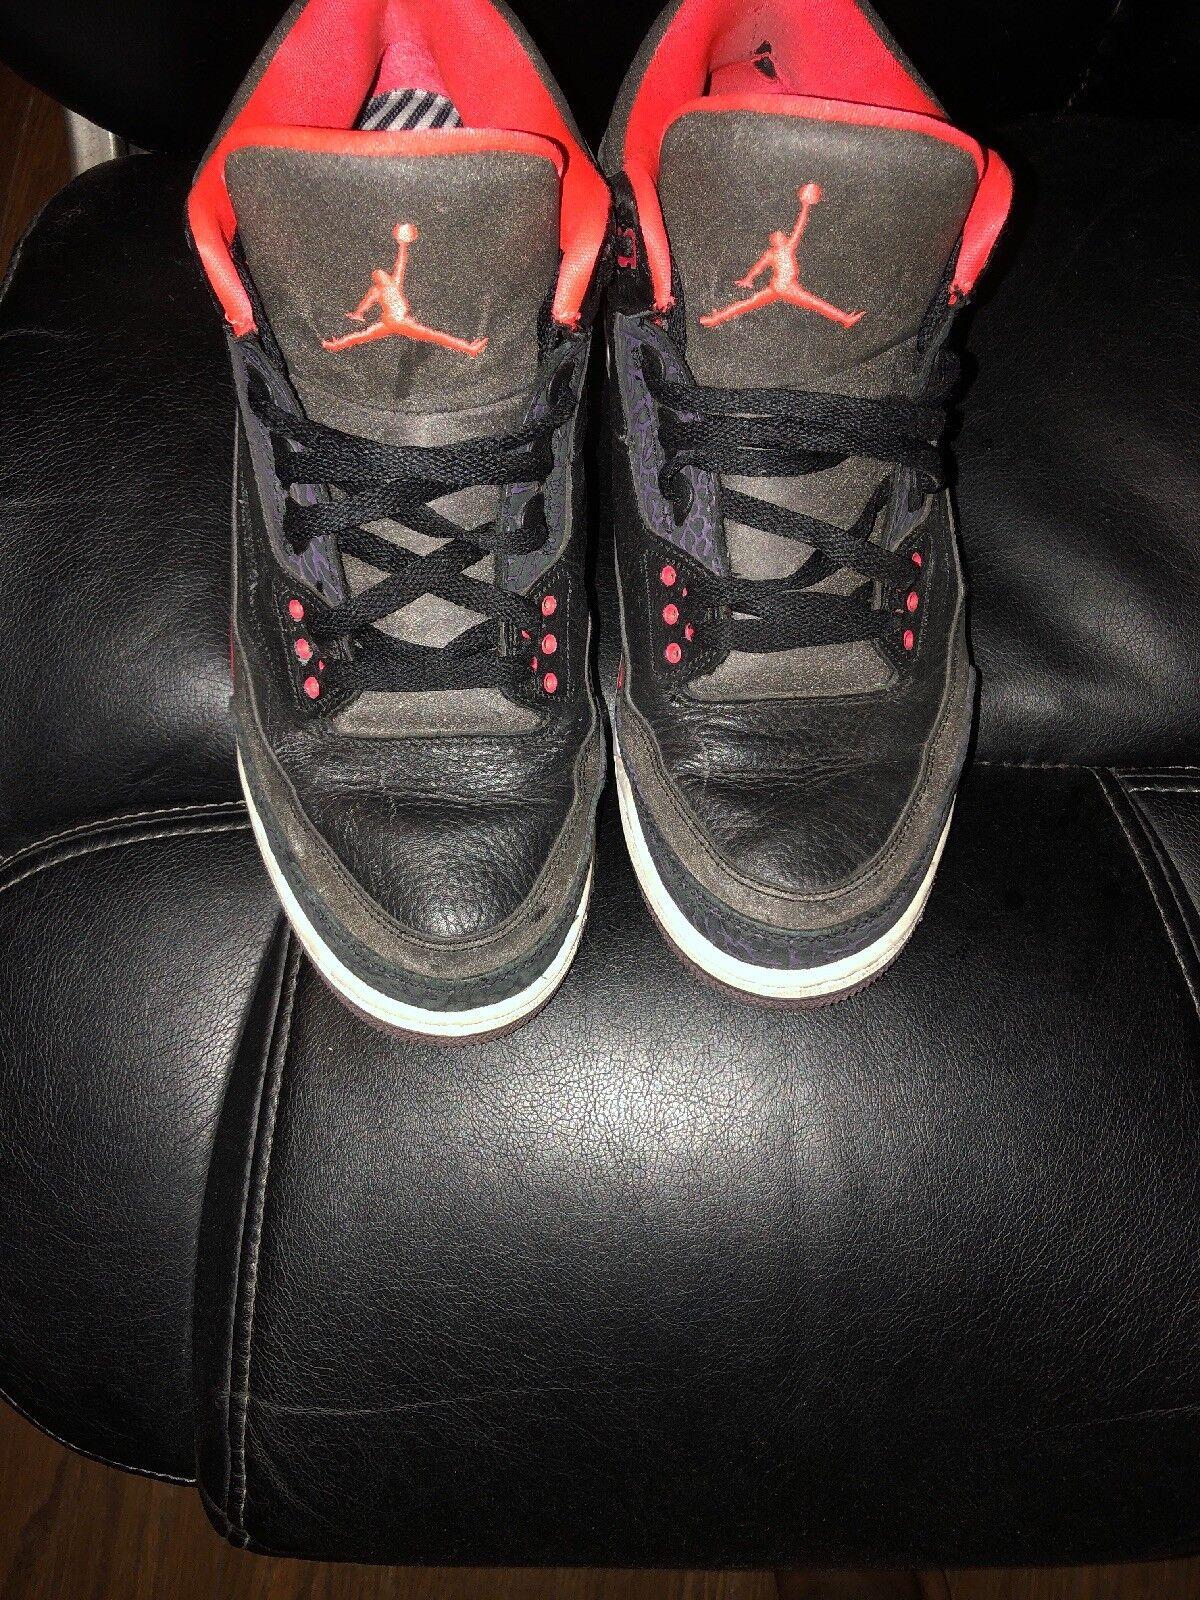 Nike Air Jordan 3  Bright Crimson  Retro Men's Sneakers (sz 12)